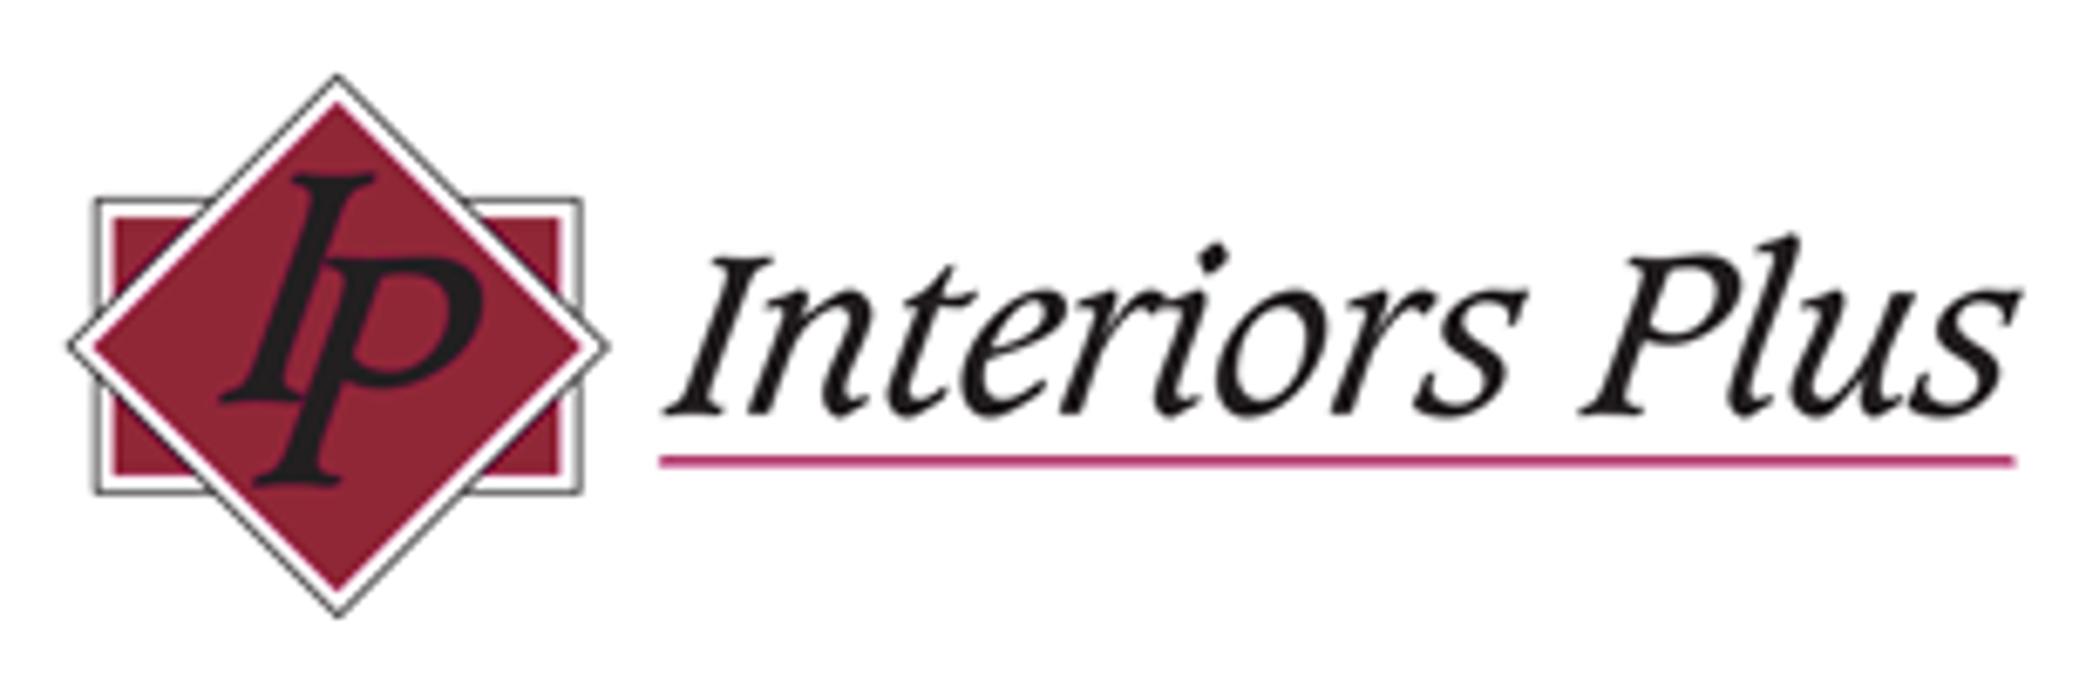 IP Interiors Plus - Upland, CA